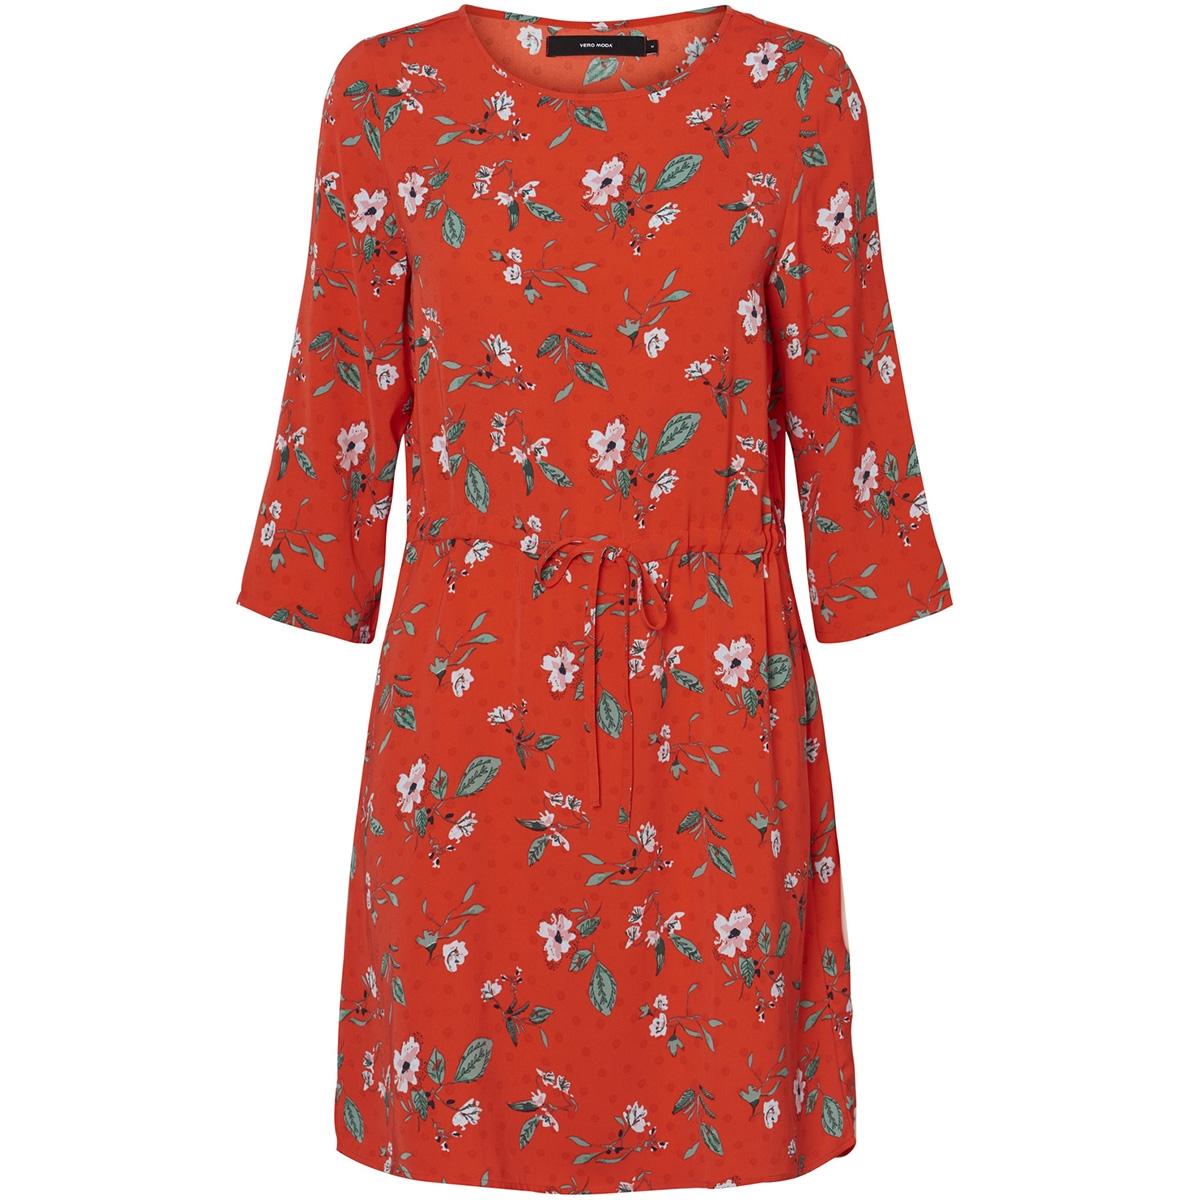 vmava 3/4 short dress wvn 10212297 vero moda jurk fiery red/ ava print